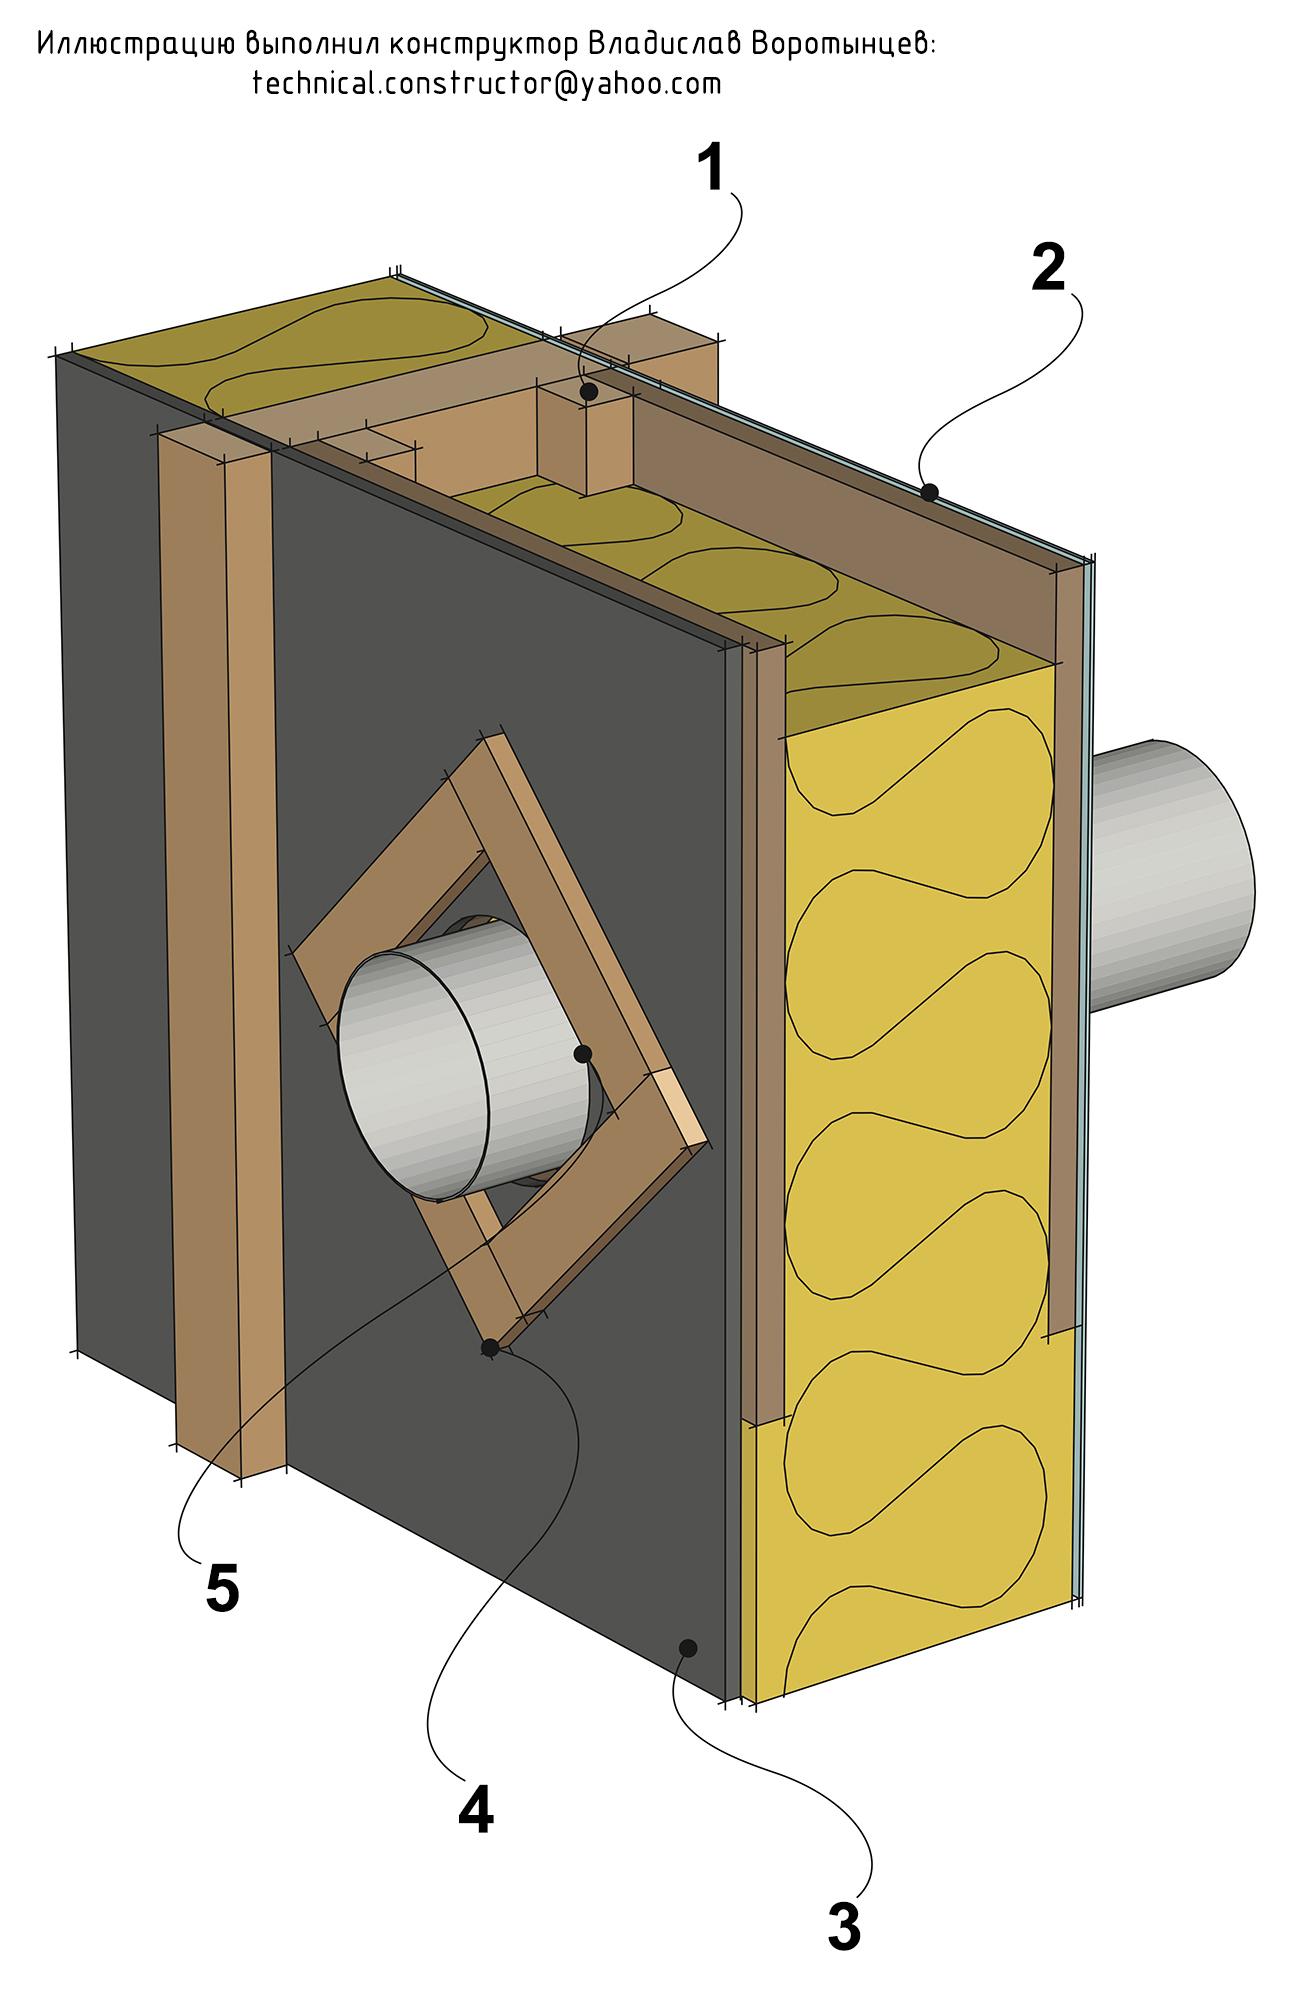 Пример герметизации прохода вентиляционной трубы сквозь деревянную каркасную стену